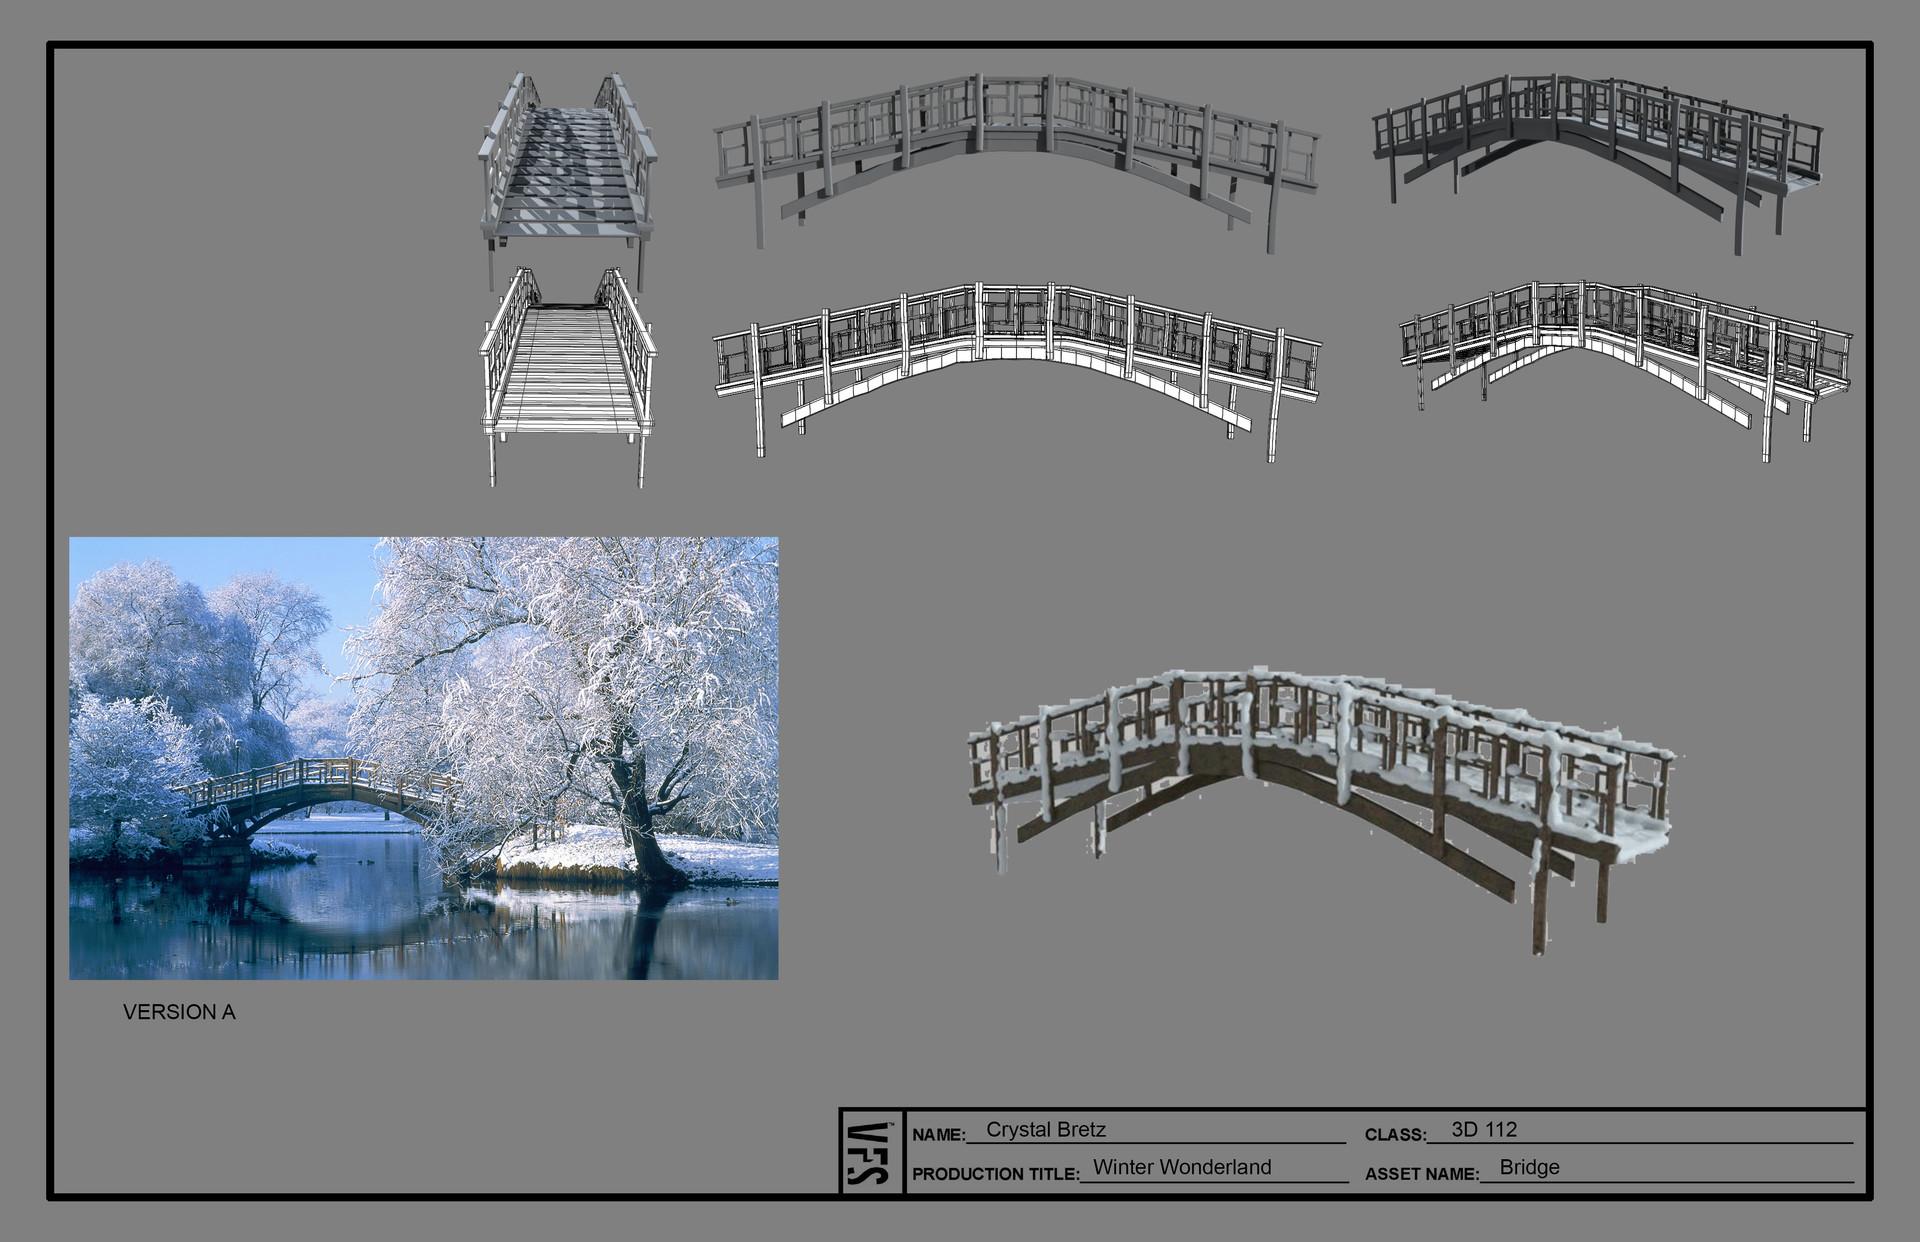 Crystal bretz bridge